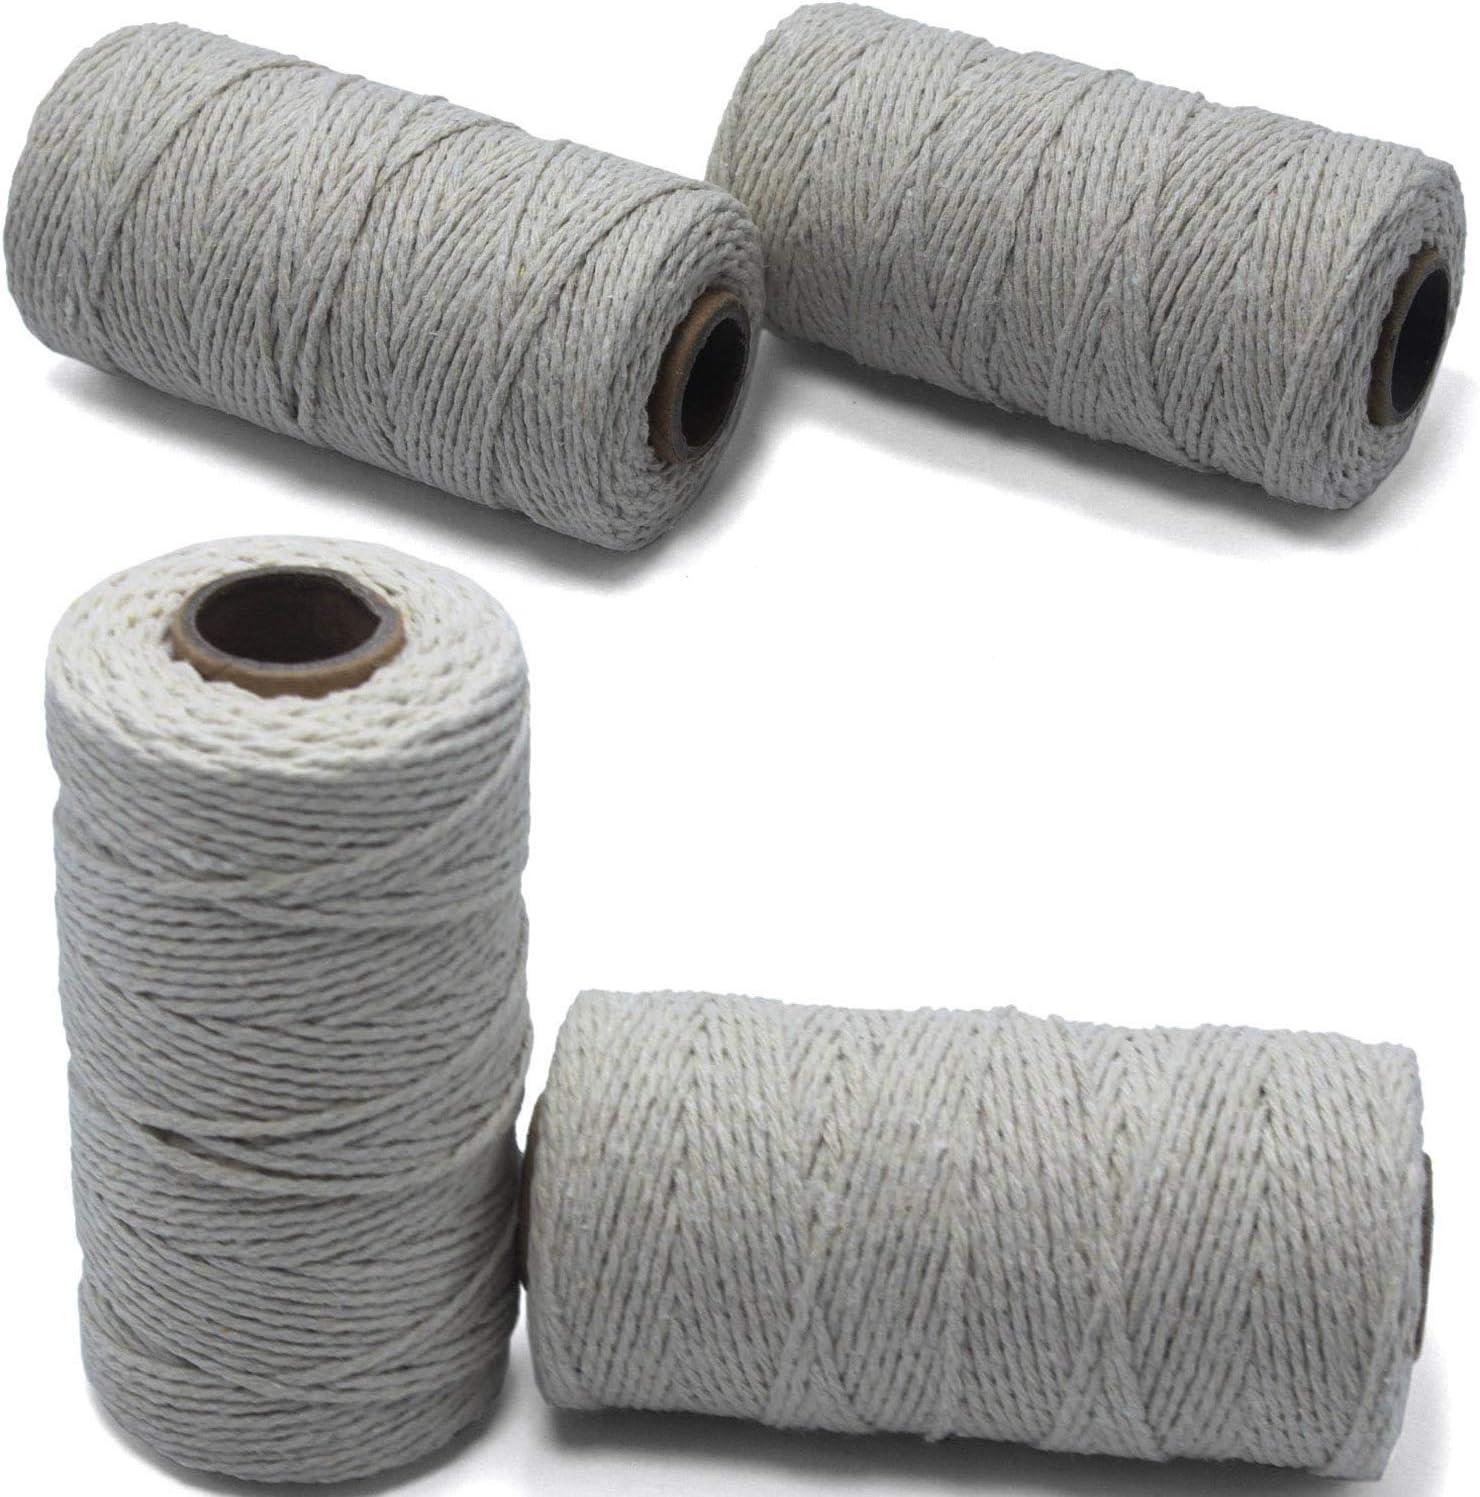 Q&A 4 Rollos de 2mm de Cuerda de algodón, 1312 pies de Cuerda ...